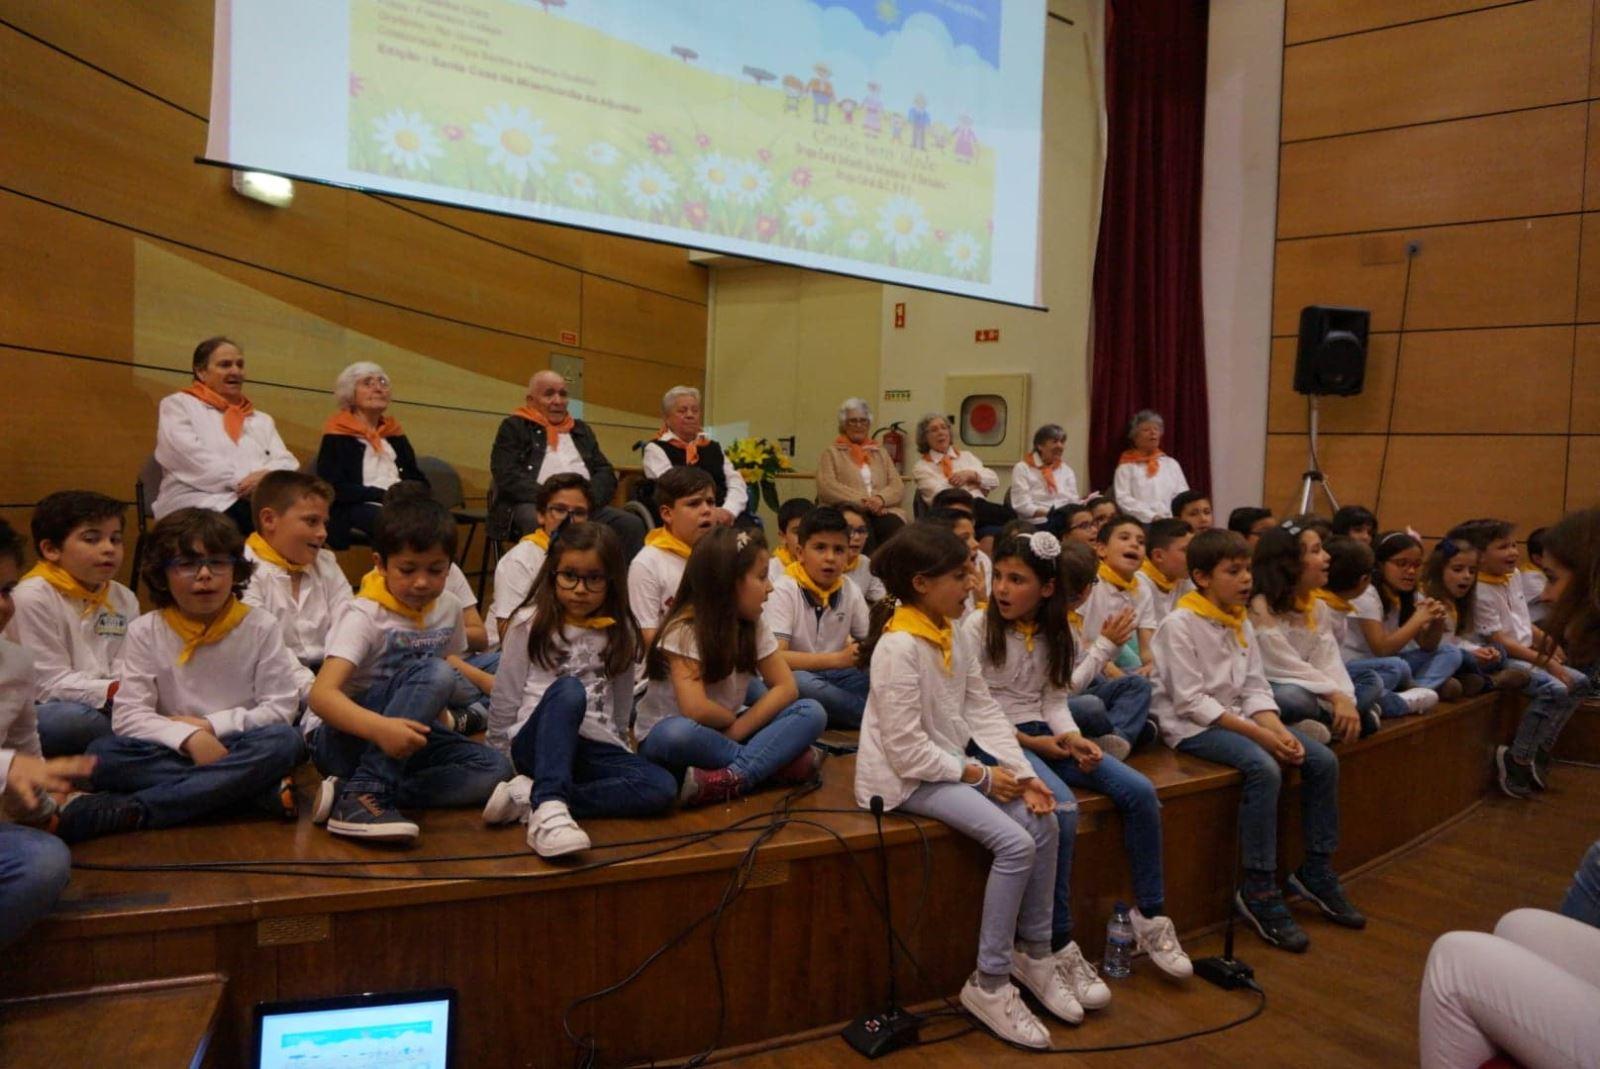 Aljustrel | Idosos e crianças cantam o Alentejo  em CD